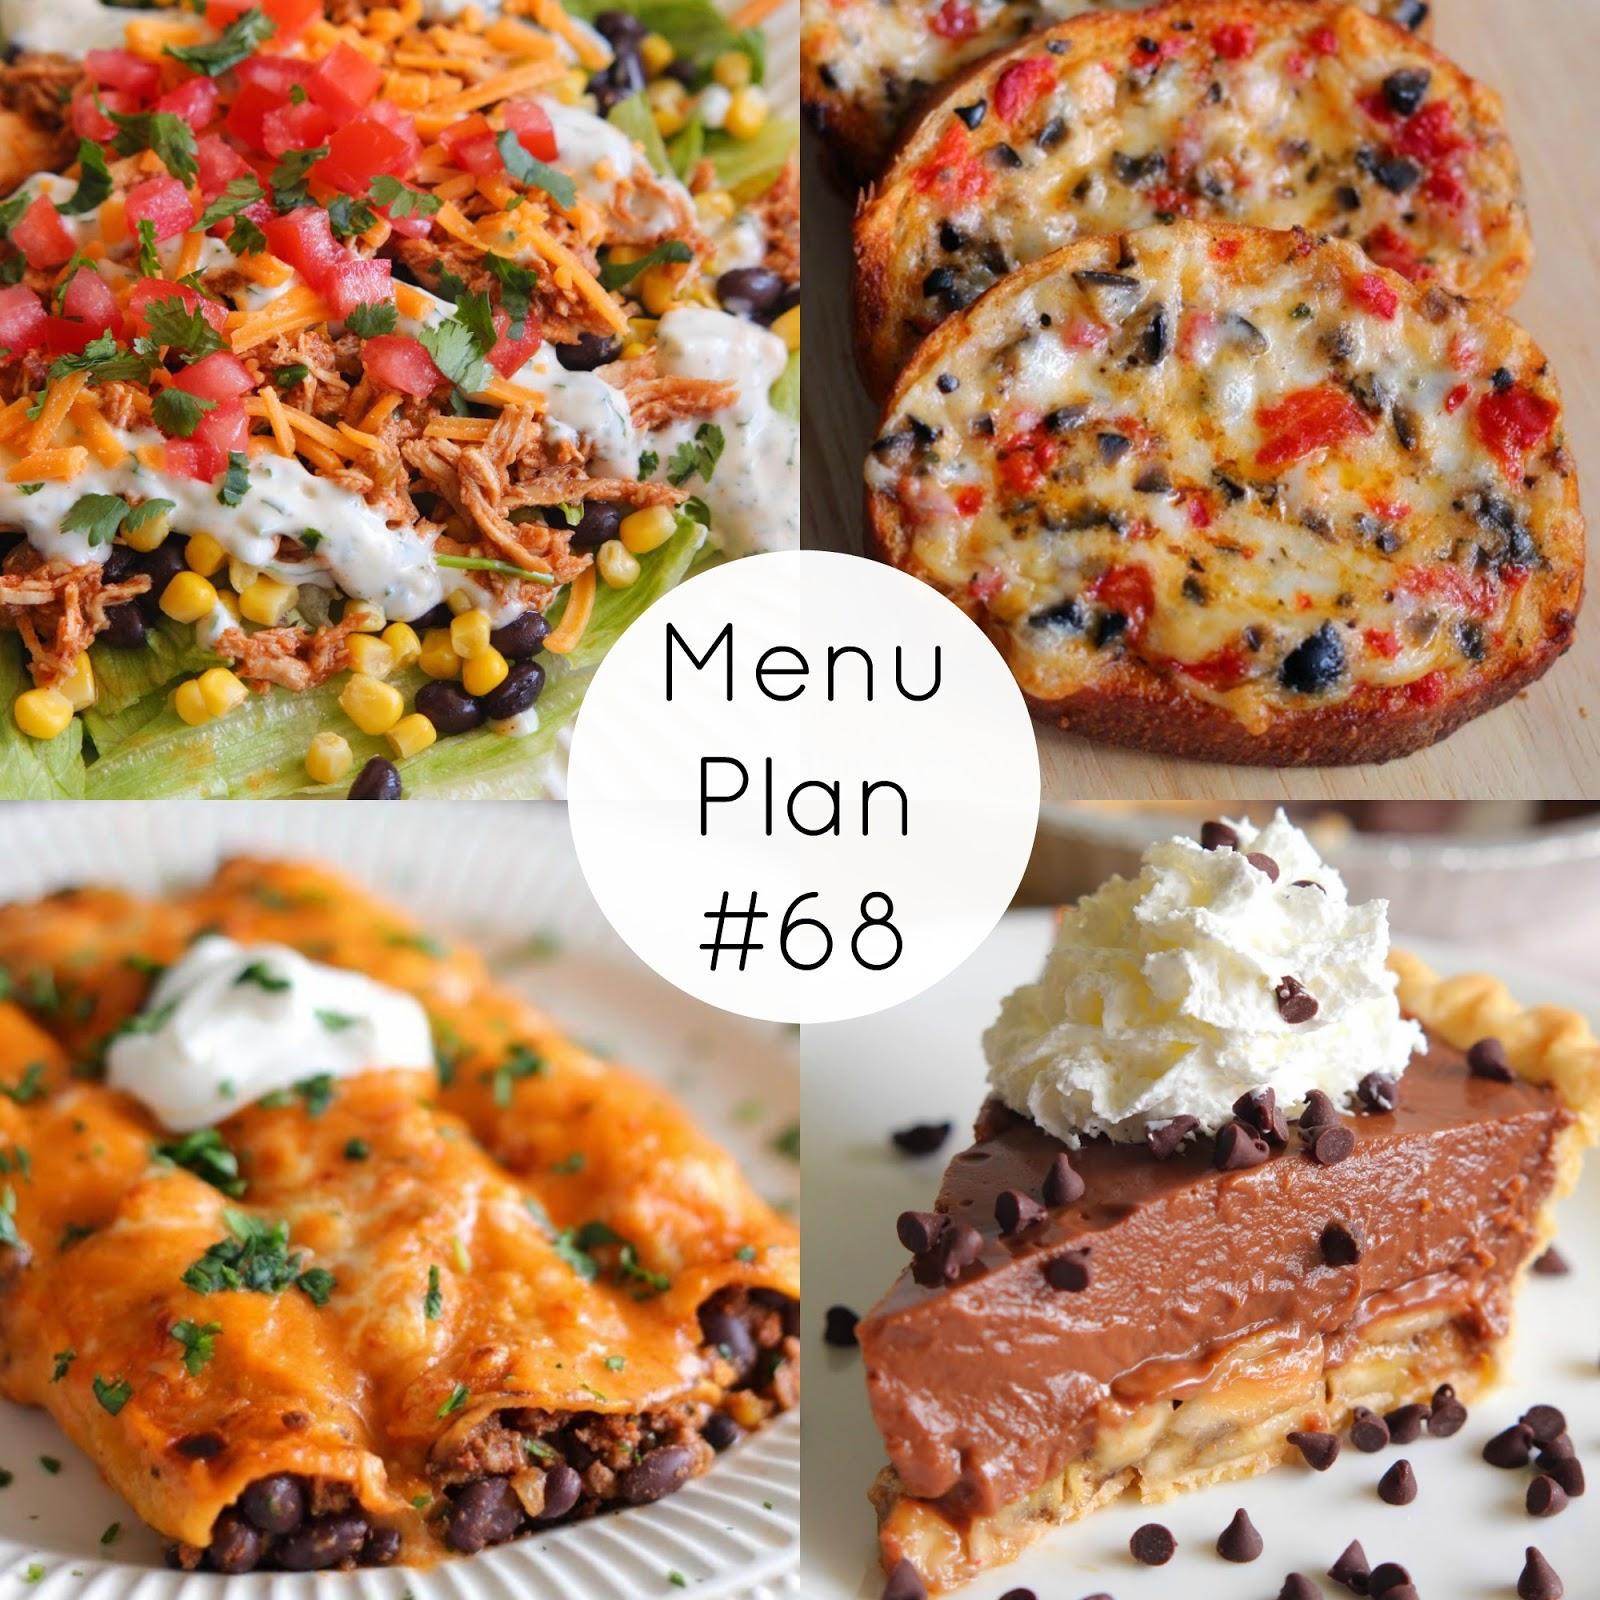 Eat Cake For Dinner Menu Plan Saturday 68